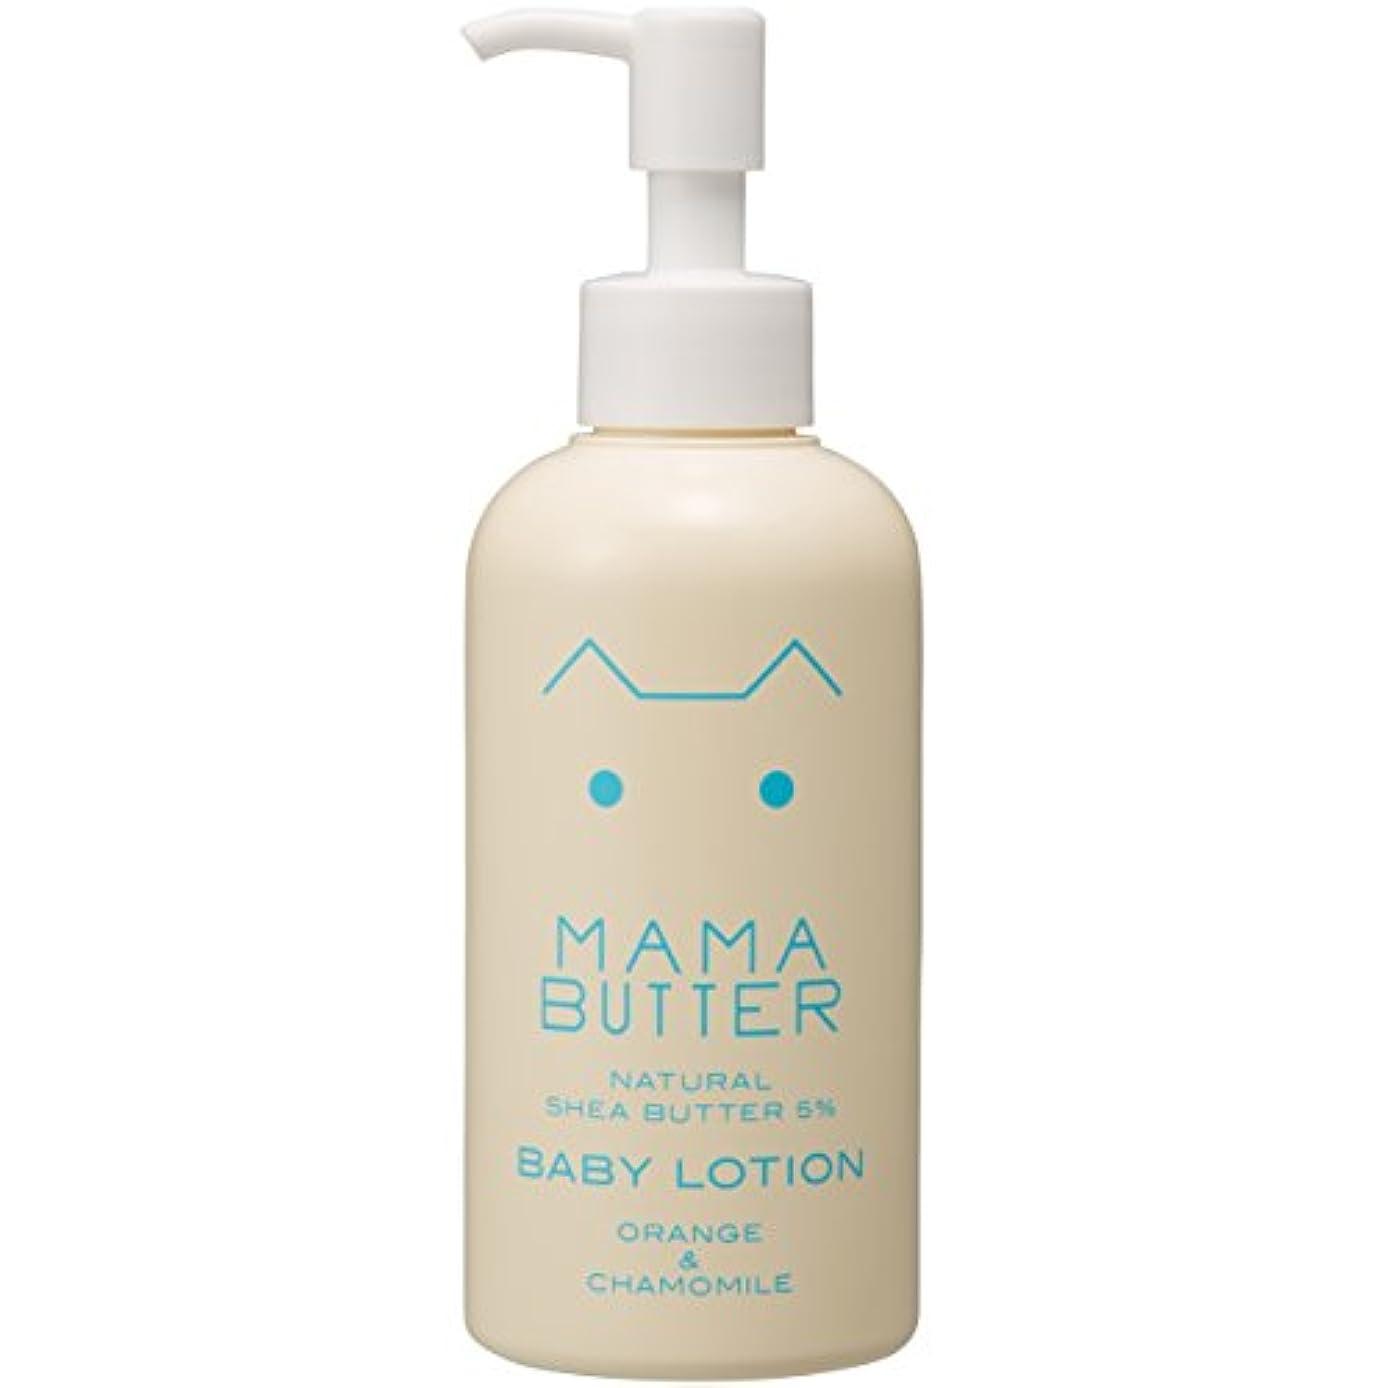 リングレットレイプ力学ママバター ベビーローション 天然 オレンジ&カモミールの香り 180ml